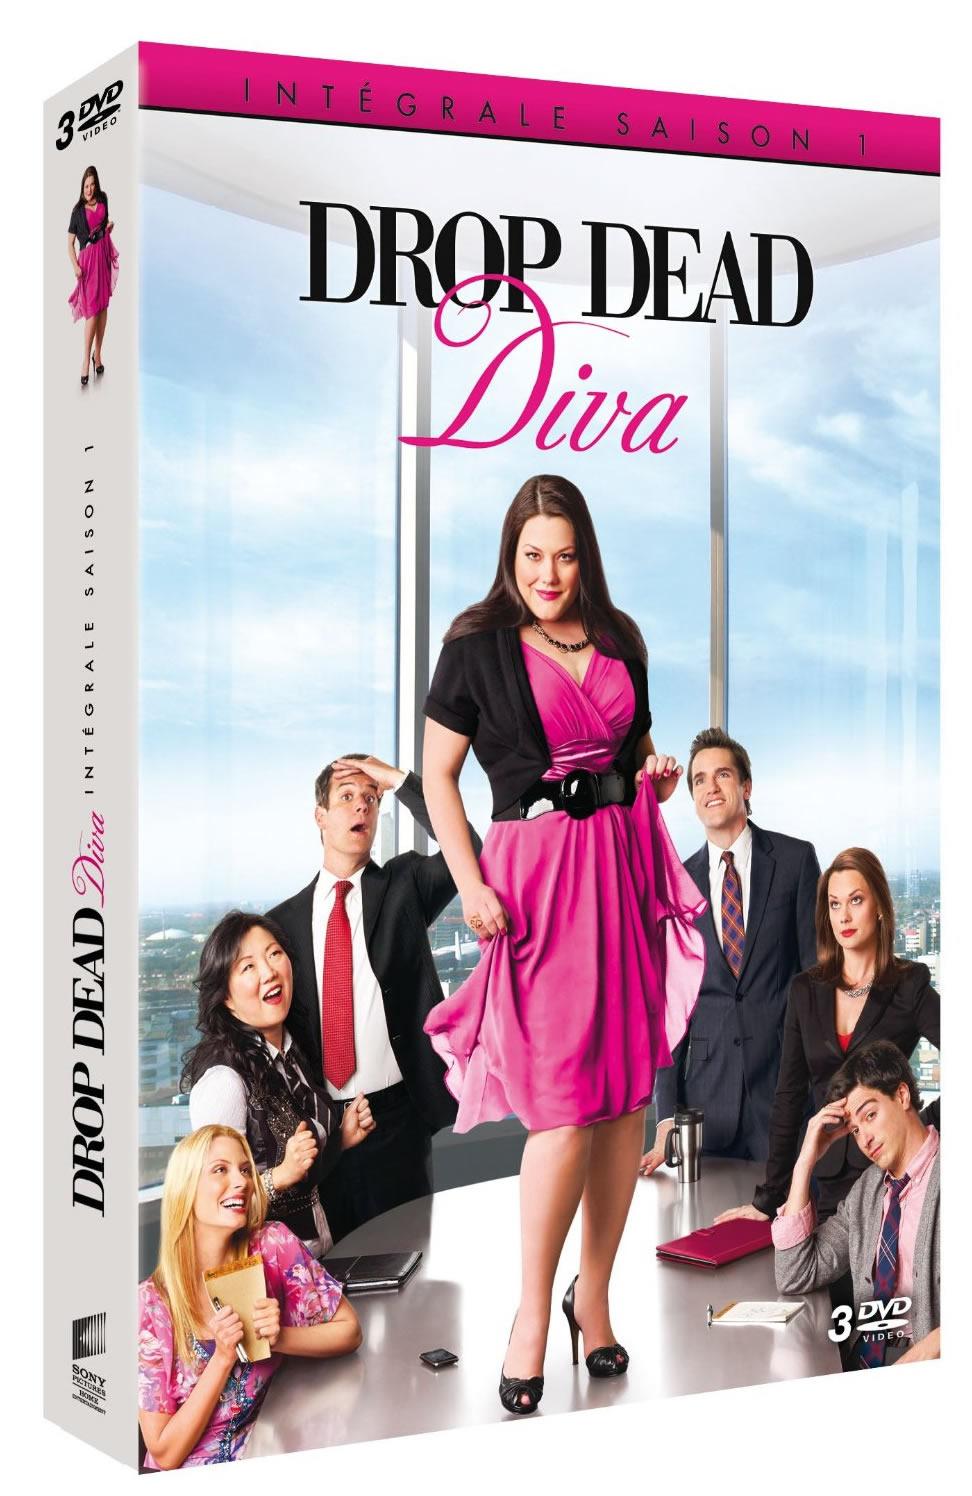 DDD DVD saison 1